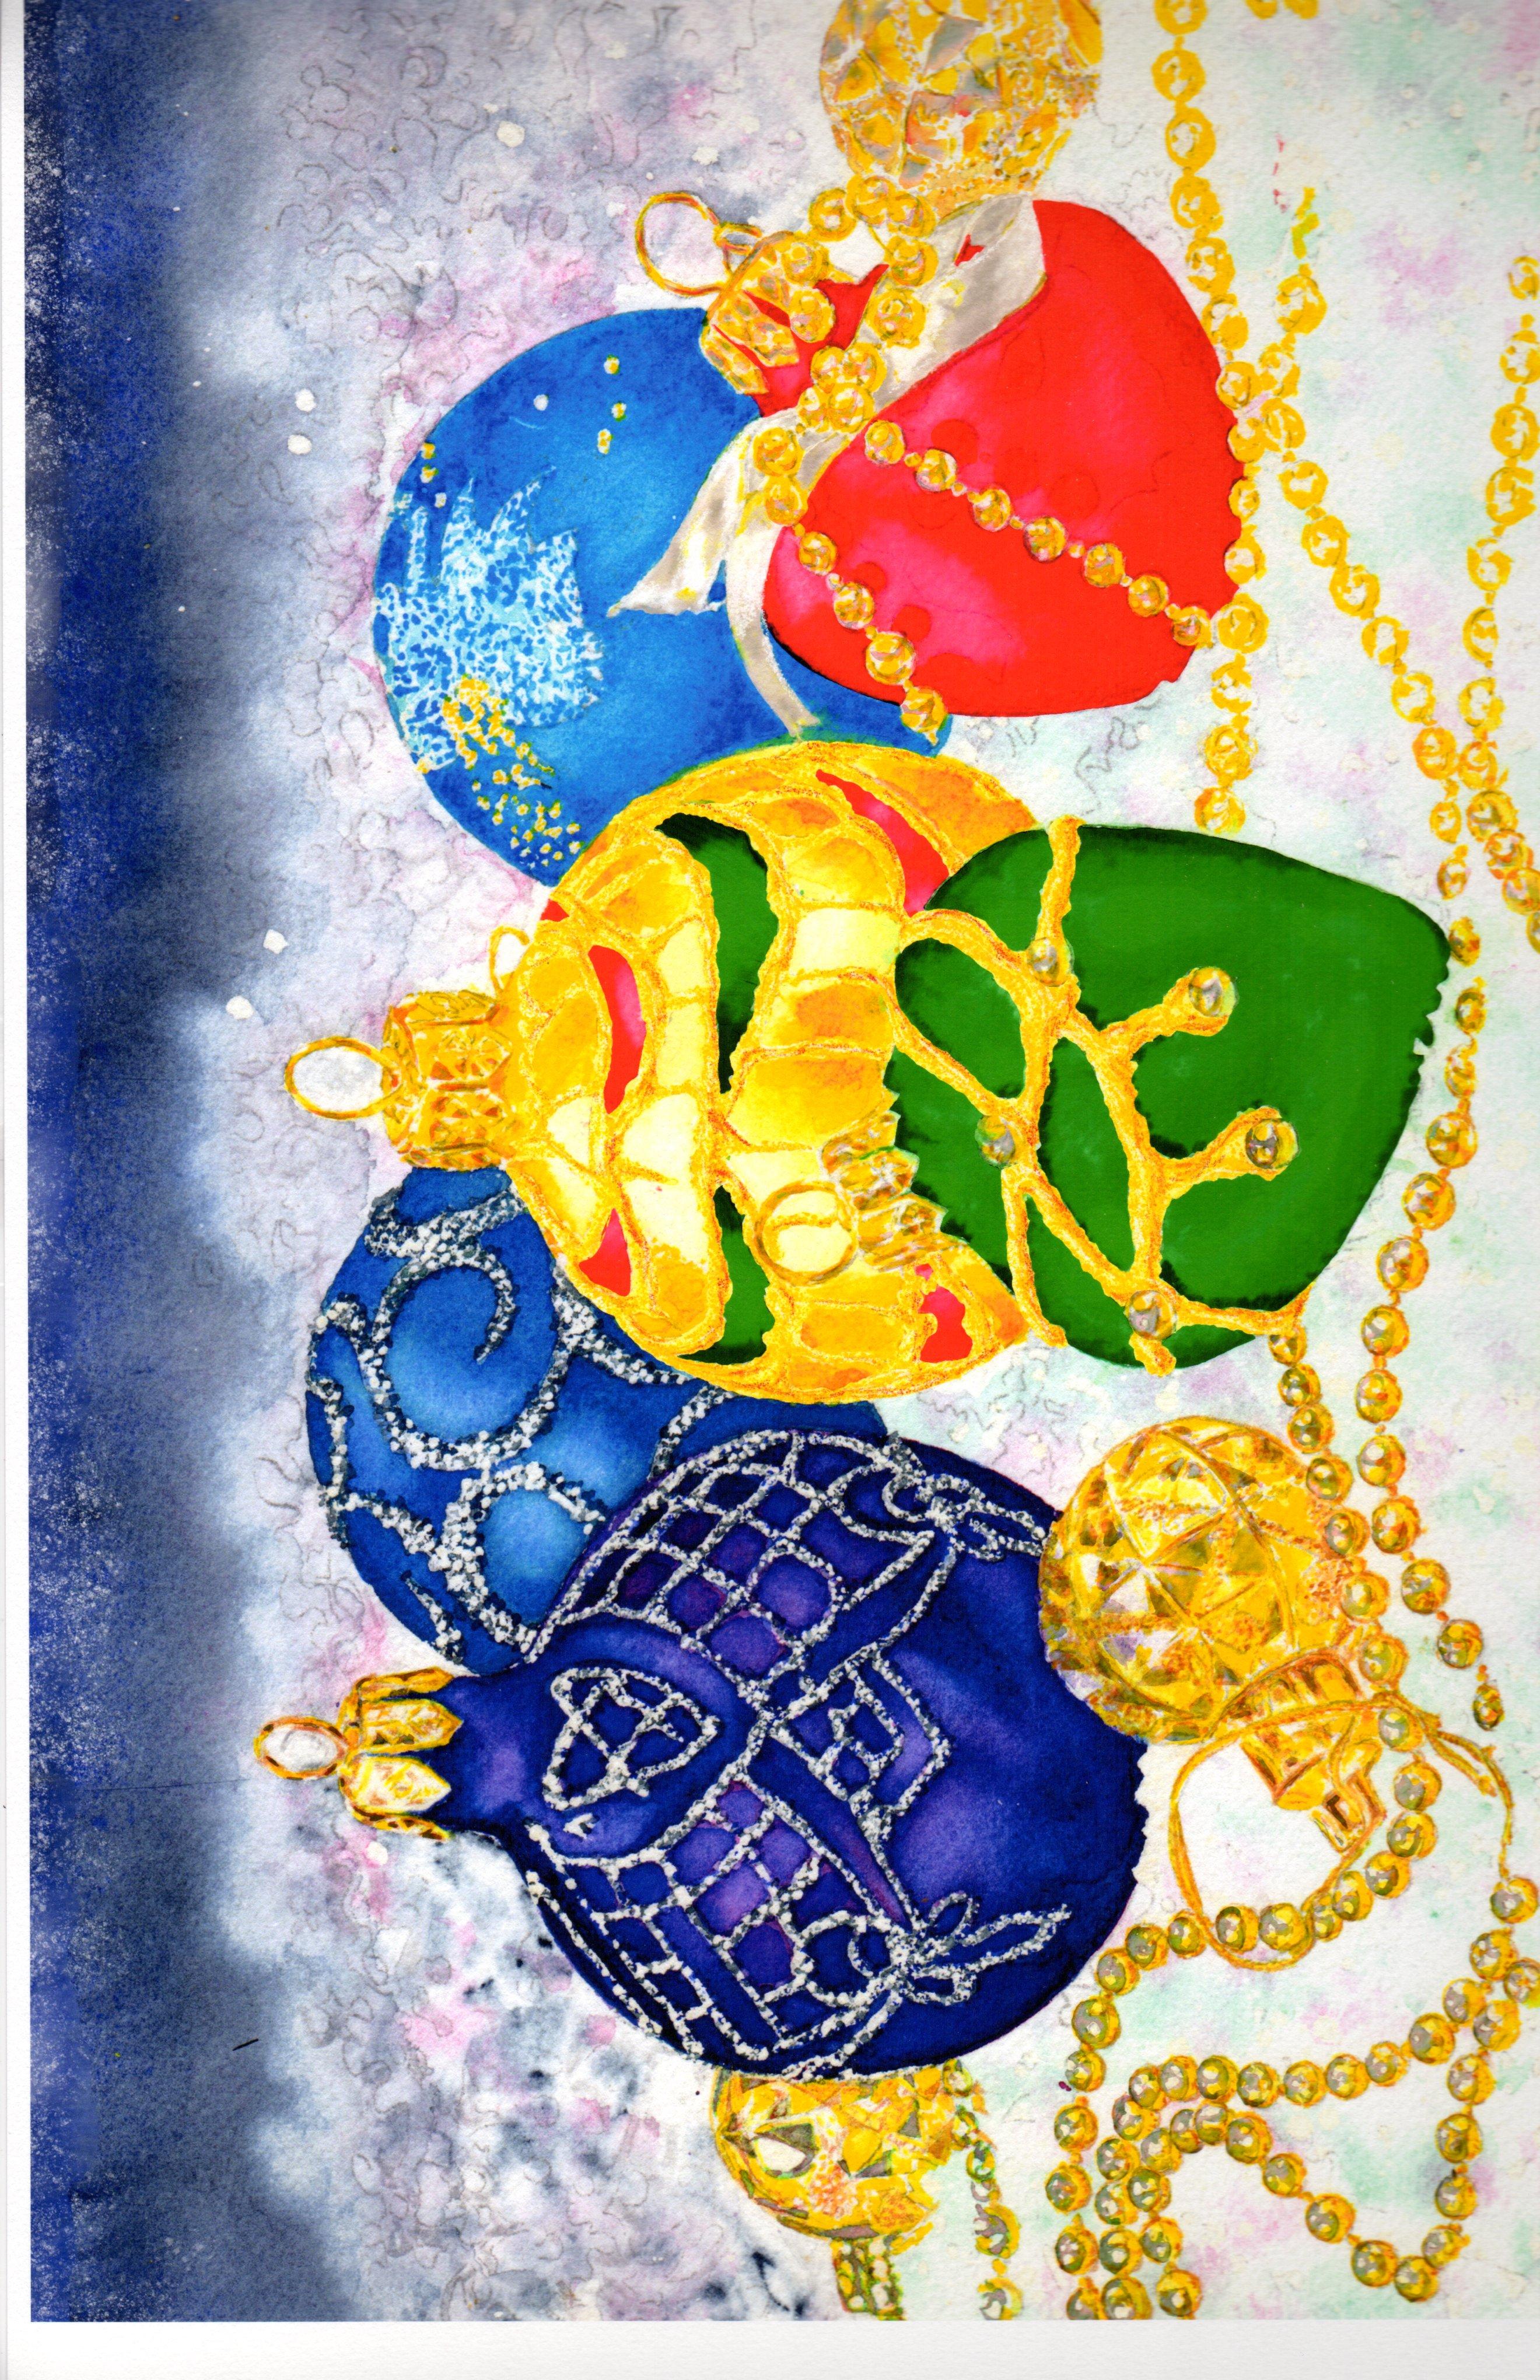 ChristmasBallCanonPro100print.jpg